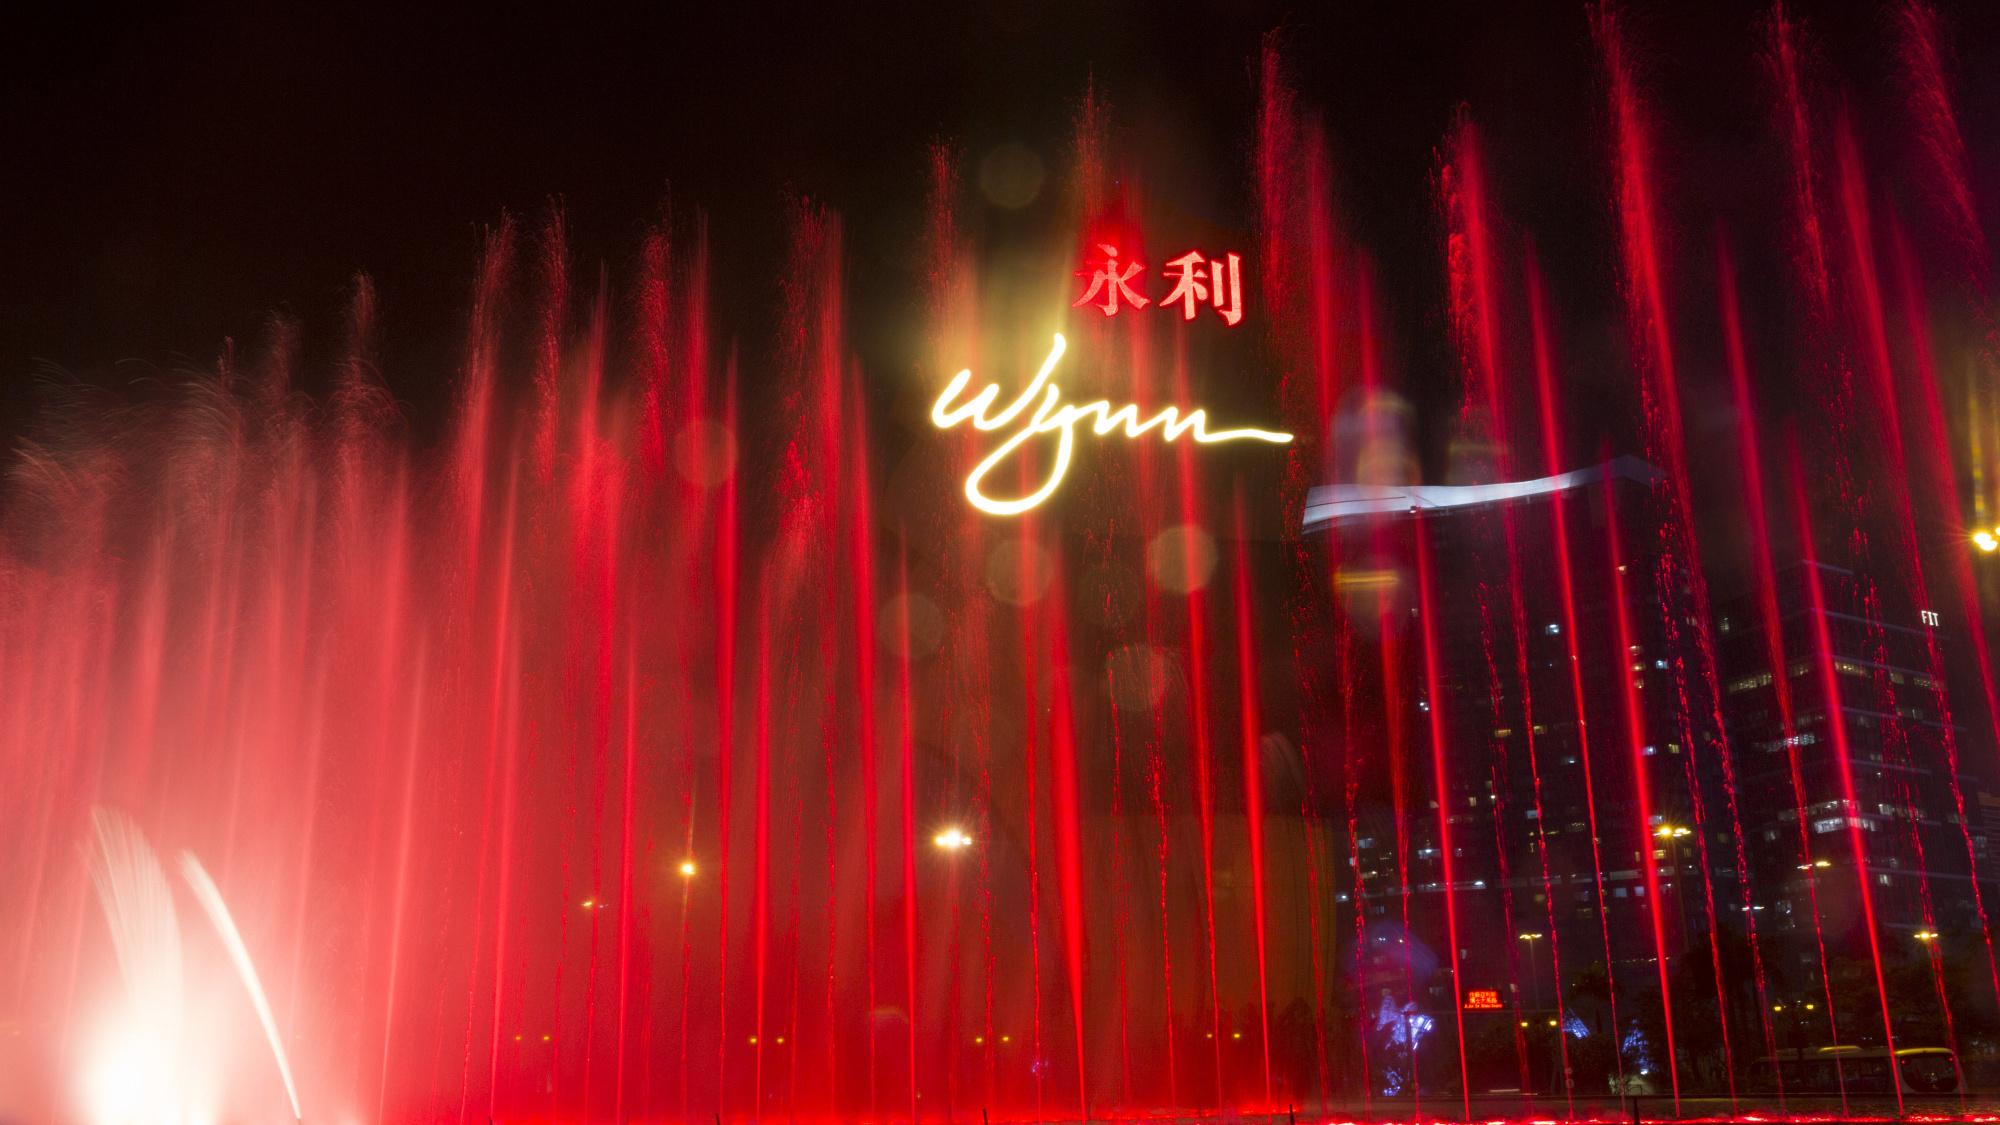 Traders Secrets on Wynn Resorts, Limited (WYNN), WEC Energy Group, Inc. (WEC)